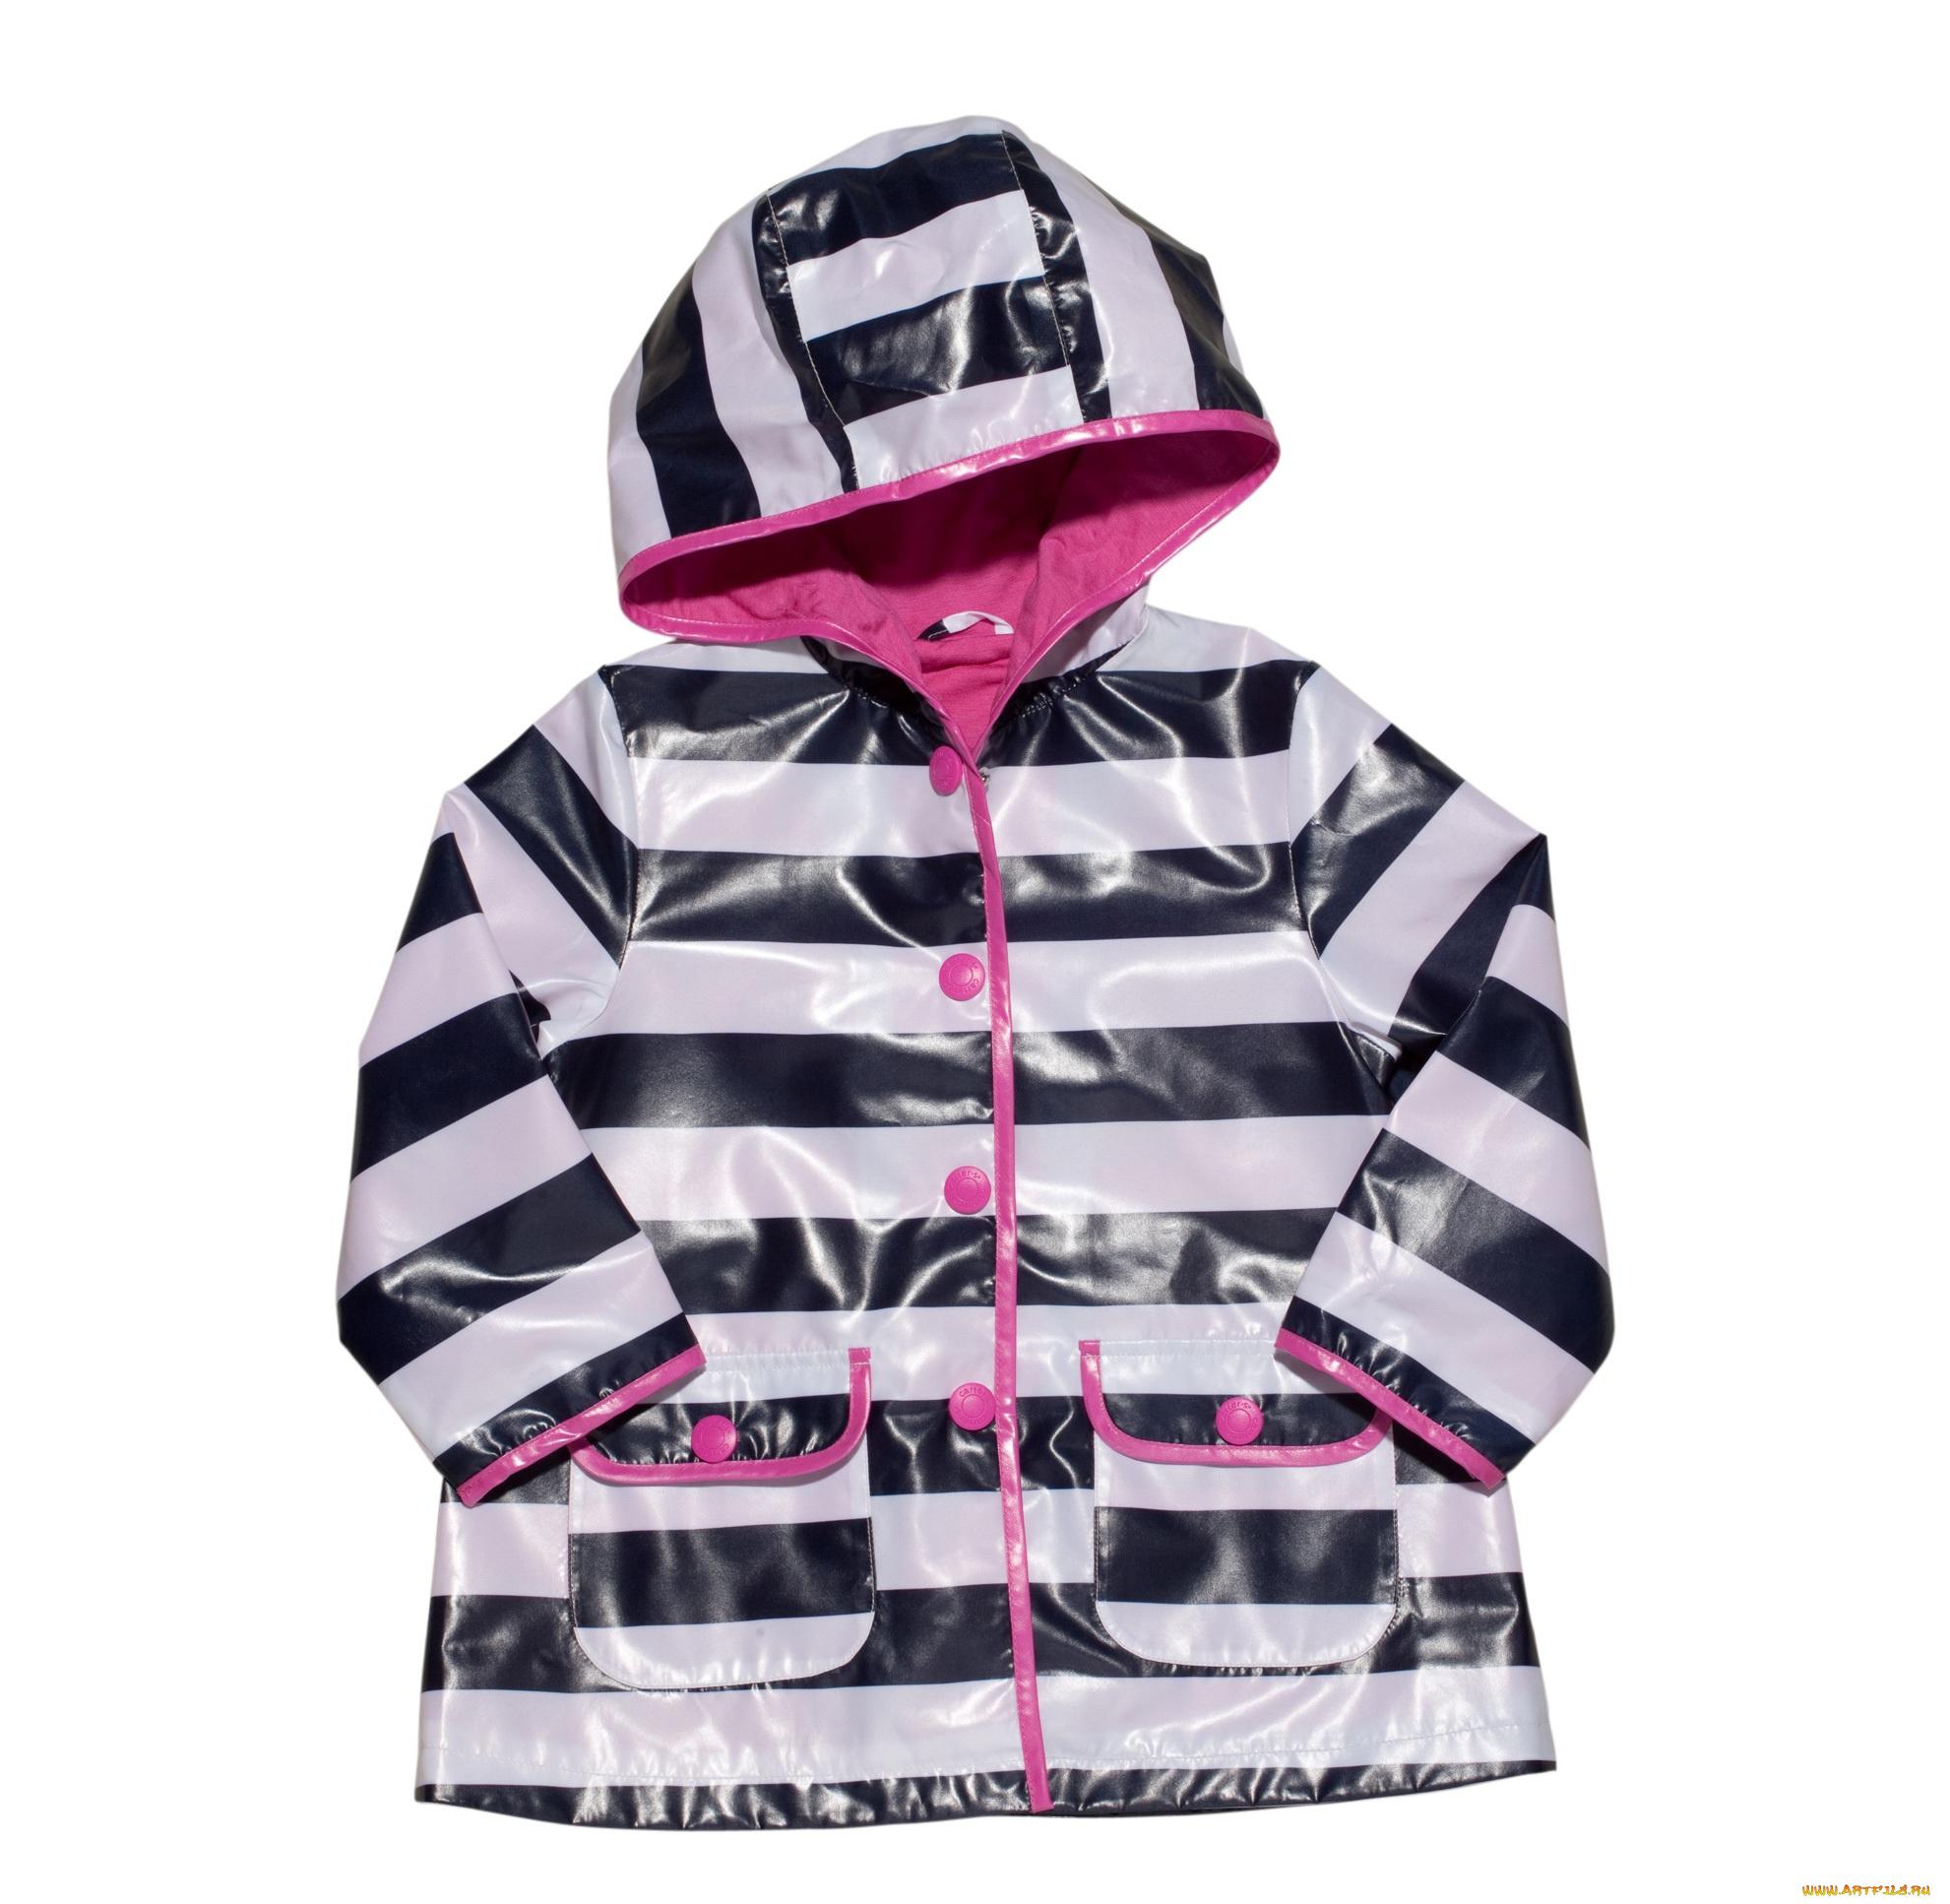 Выкройка детской куртки легко и качественно. Своими руками 80